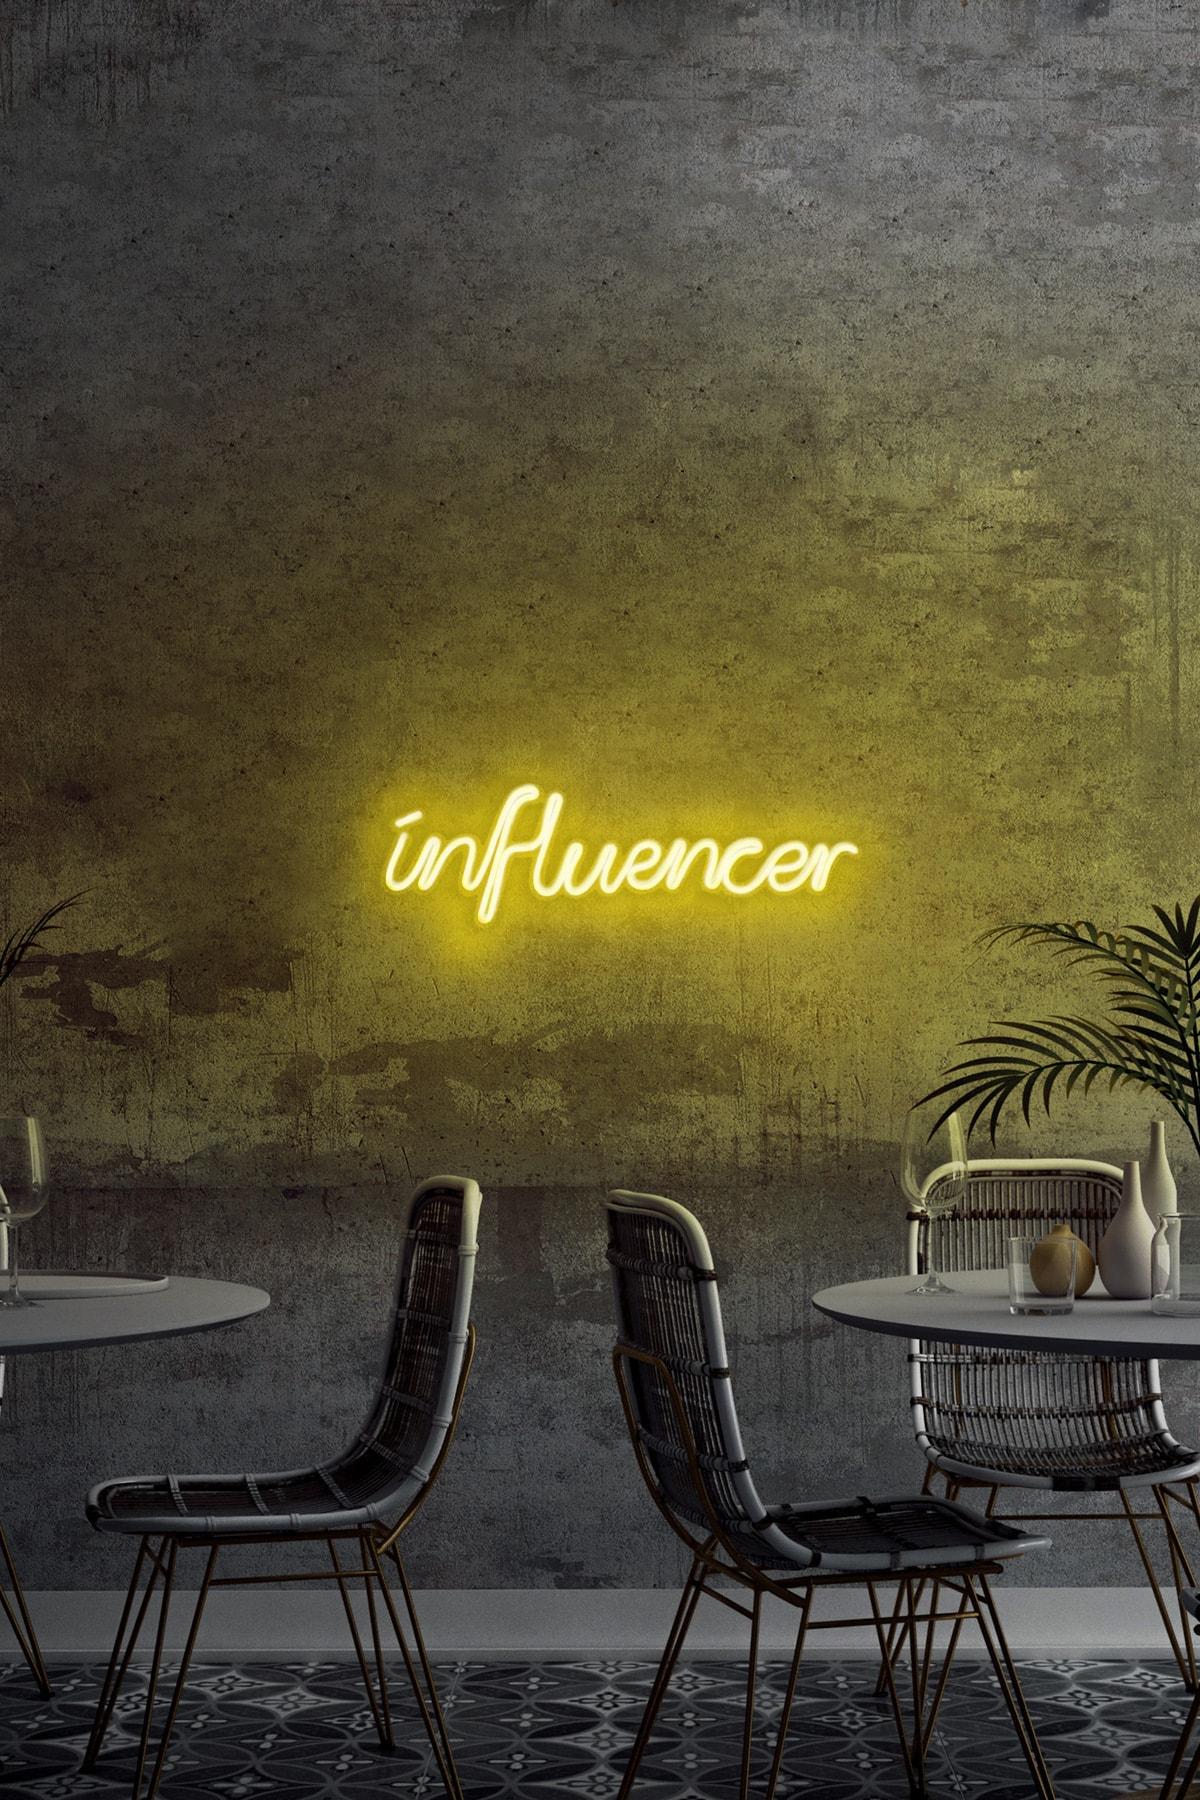 neon graph - Influencer - Led Dekoratif Duvar Aydınlatması Neon Duvar Yazısı Sihirli Led Mesajlar - Neongraph